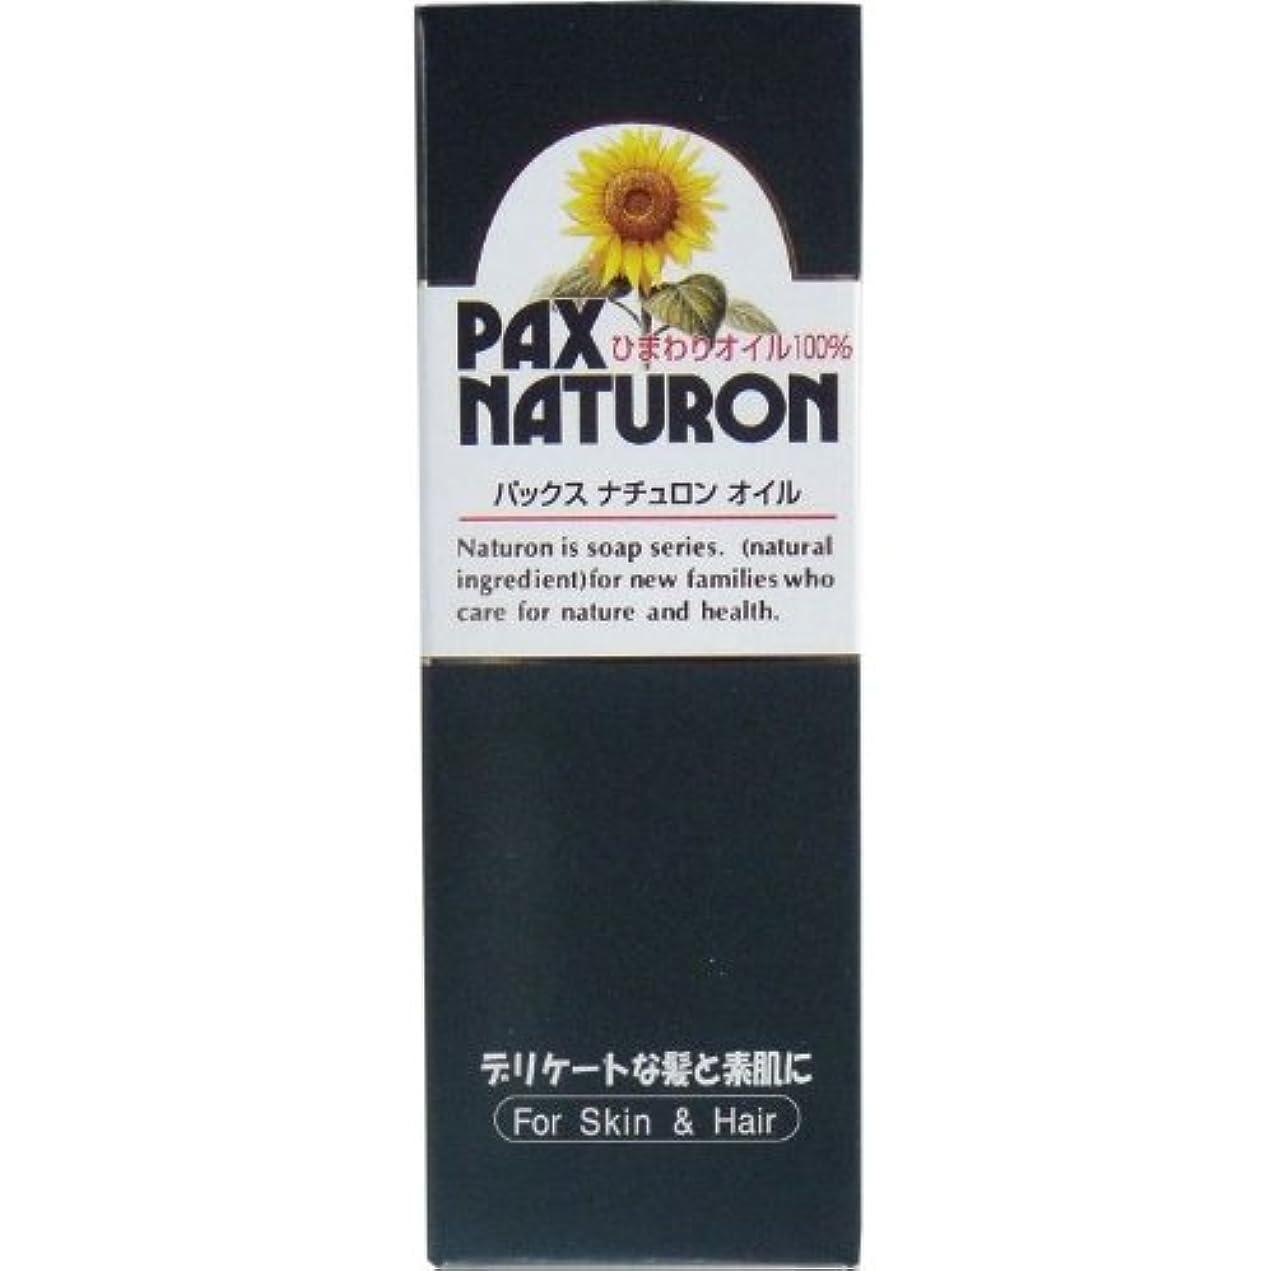 浸食有効ウールデリケートな髪と素肌に!ひまわりの種子から採った ハイオレイックひまわり油 60mL【5個セット】